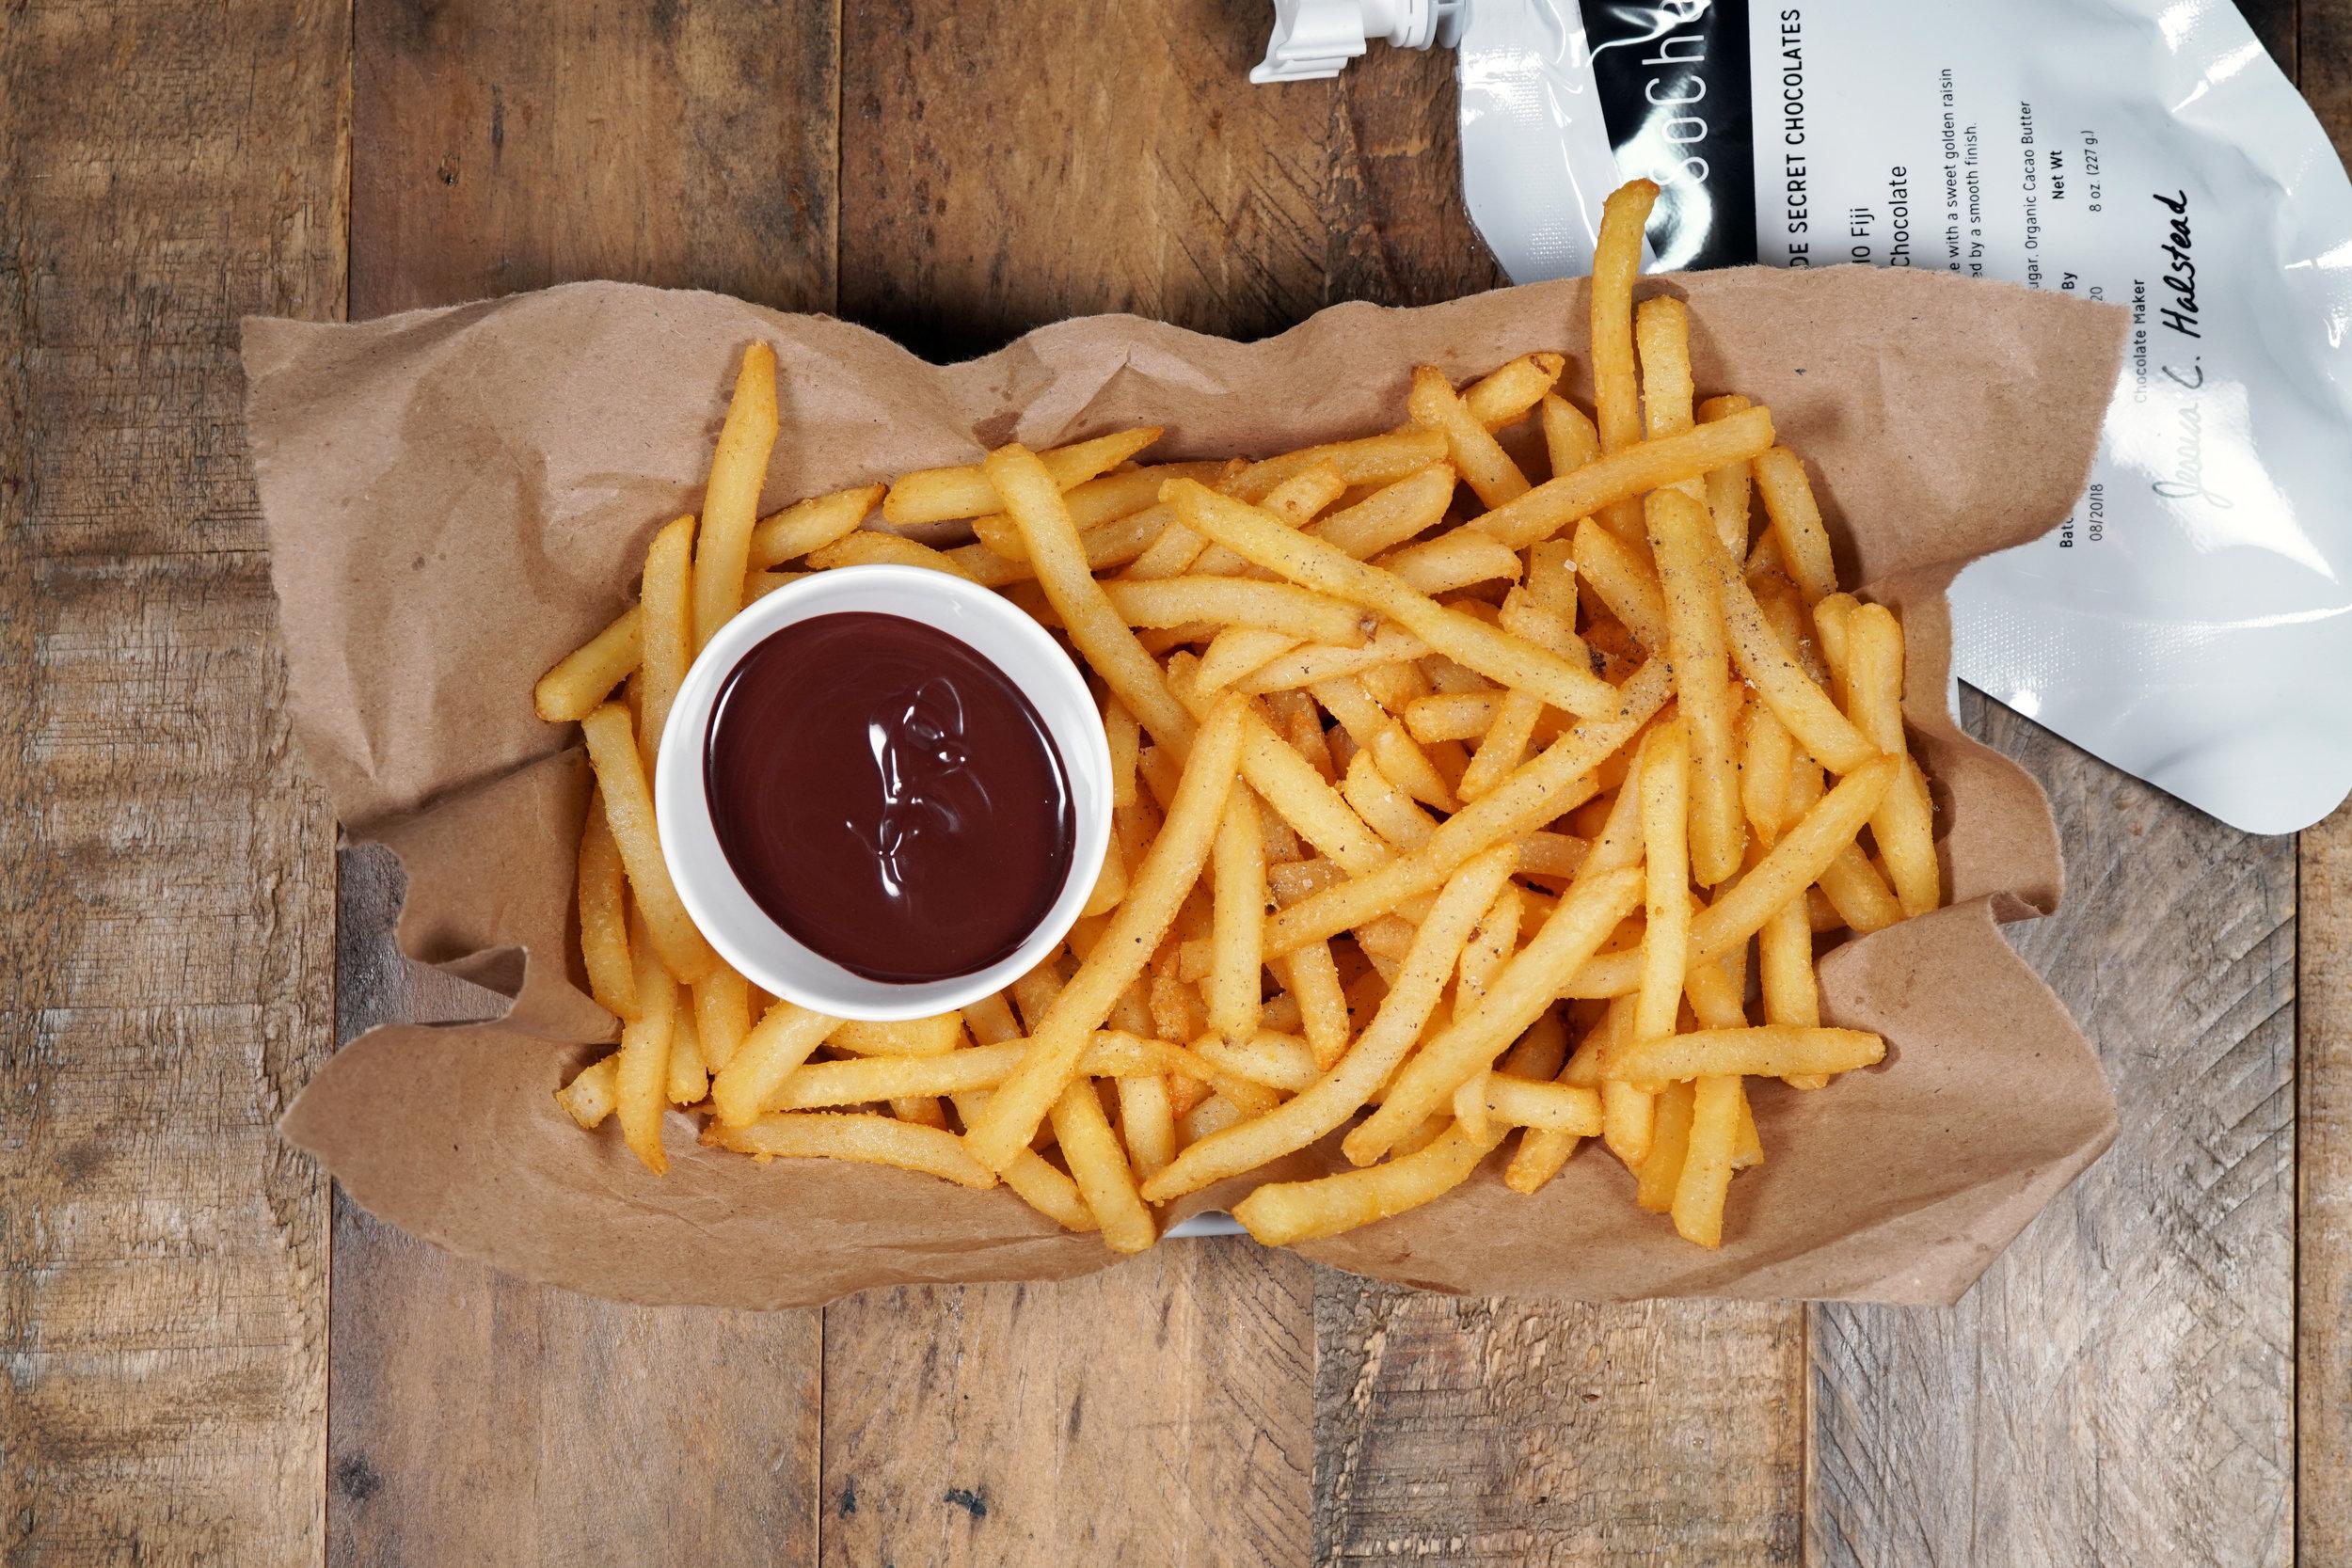 Fries with SoChatti A.jpg